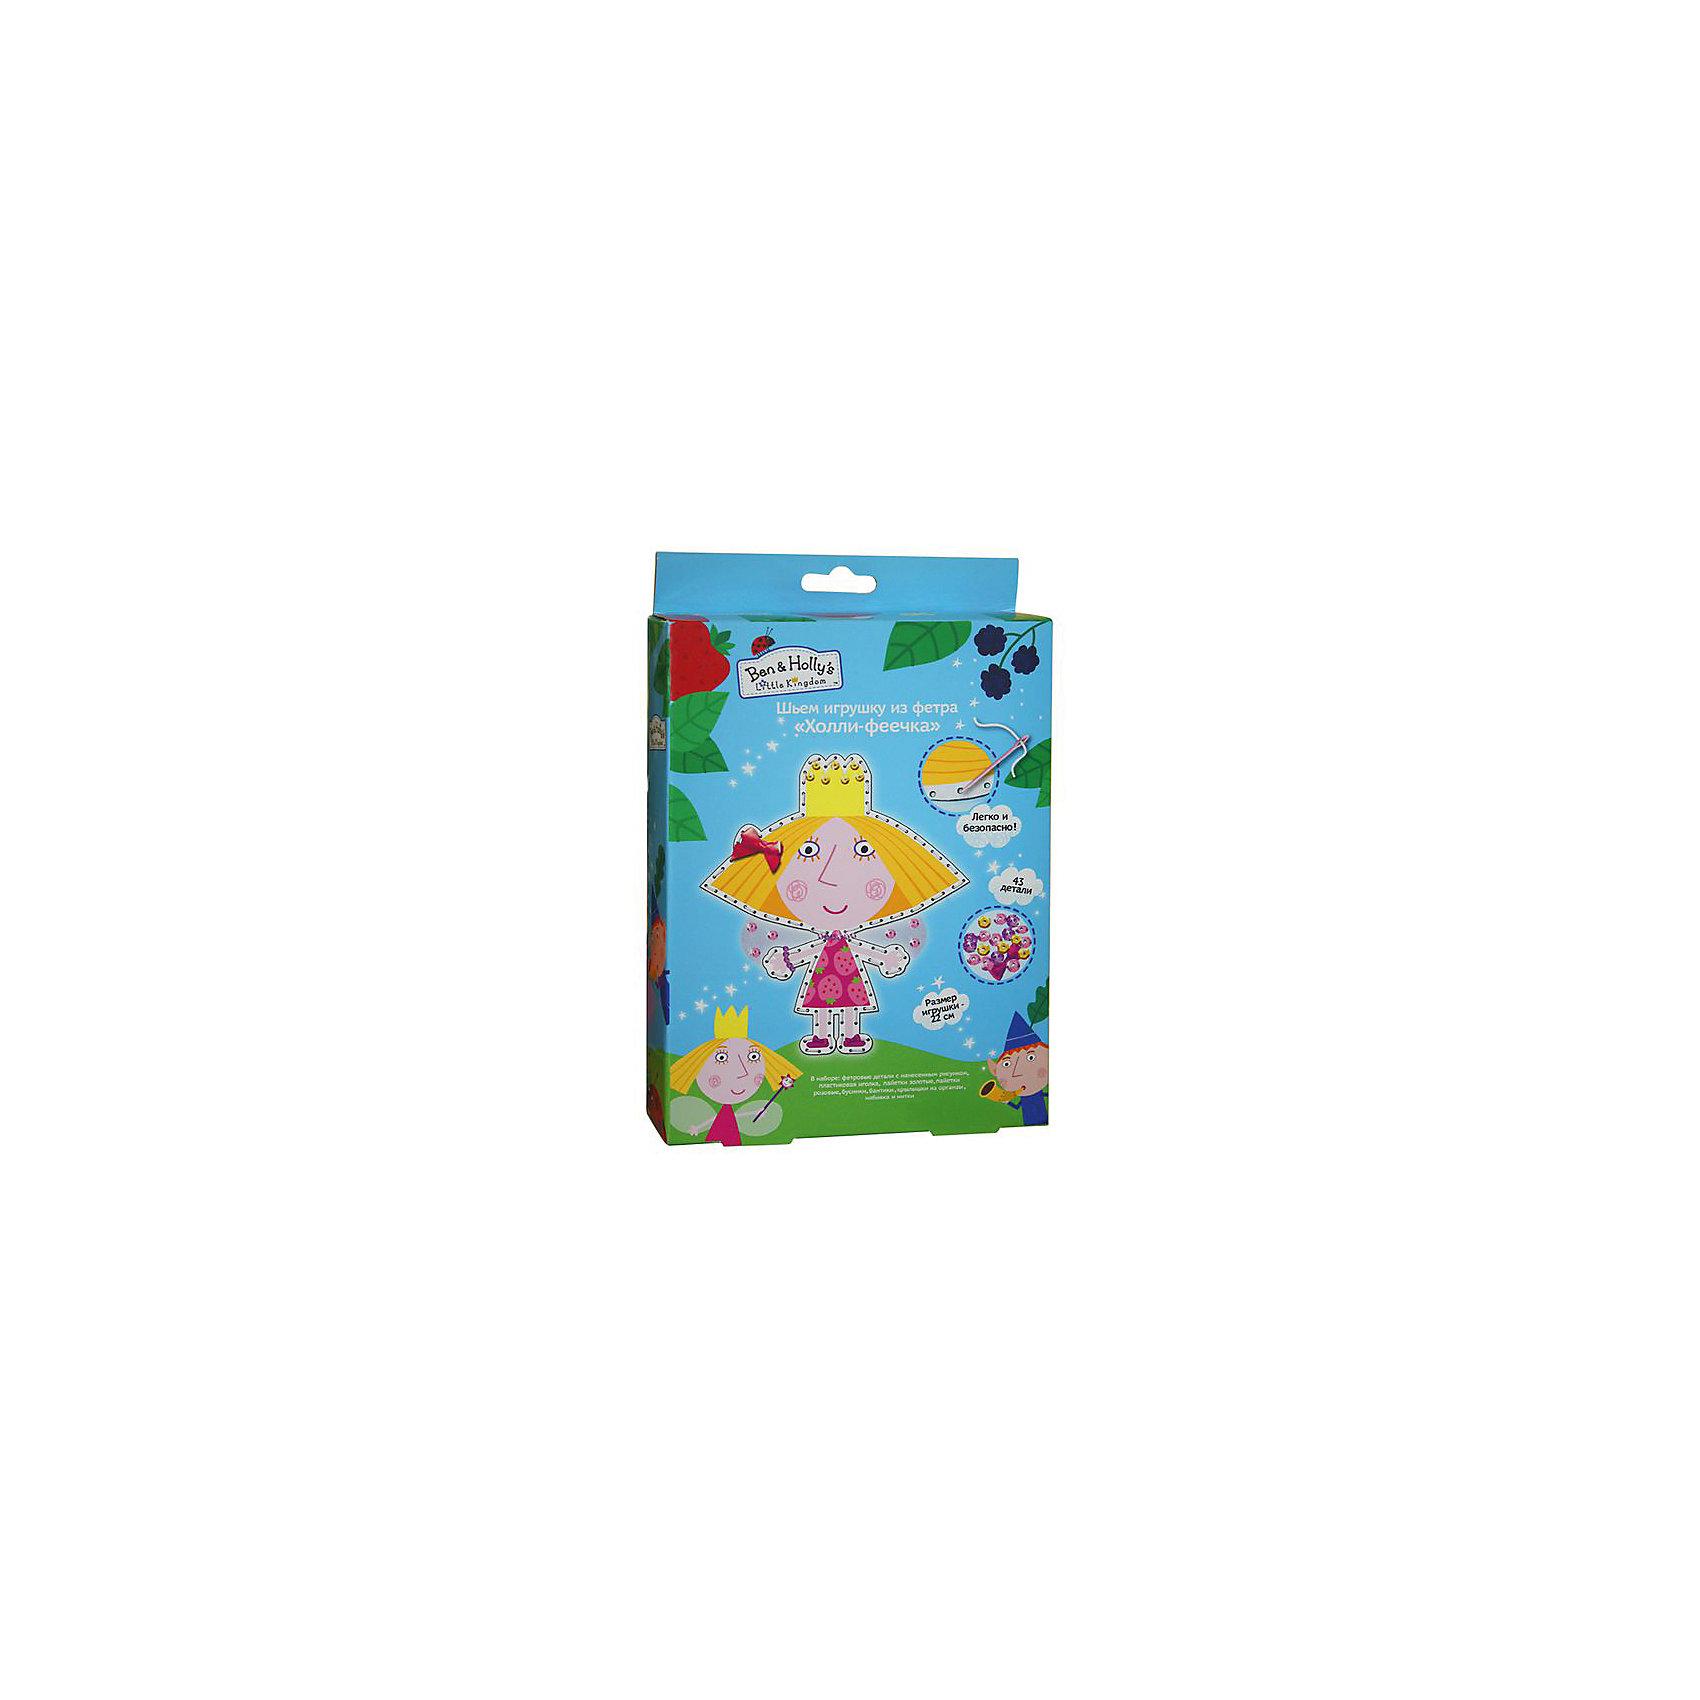 Шьем игрушку из фетра Холли-феечка, Бен и ХоллиШитьё<br>Характеристики товара:<br><br>• комплектация: 2 фетровые детали с нанесенным рисунком и перфорацией для стежков, пластиковая безопасная иголка, пуговка в виде цветочка, бант, бусинки, шнуровка для бус, пайетки, нитки, набивка<br>• размер готовой игрушки: 22 см<br>• упаковка: коробка<br>• возраст: от 5 лет<br>• состав: пластик, текстиль<br>• страна бренда: Россия<br>• страна изготовитель: Китай<br><br>Украсьте фетровые детали блестящими пайетками, а затем сложите их белой стороной внутрь, совмещая контур фигурки. Вденьте нитку в иголку и начните обшивать контур туловища, набивая сначала ручки и ножки. Постепенно наполняйте всю игрушку и, закончив, закрепите нить узелком. Украсьте голову Холли большим бантиком, а башмачки - маленькими, сделайте бусы и браслет. <br><br>В наборе «Холли-феечка» ТМ «Бен и Холли» 43 детали: 2 фетровые детали с нанесенным рисунком и перфорацией для стежков, пластиковая безопасная иголка, пайетки (золотые, розовые), маленькие лиловые бусинки, большие розовые бусинки, шнуровка для бус, 3 бантика из сатина, нитки, крылья из органзы, набивка - 30 г. Детали легко сшиваются безопасной иголкой. Размер готовой игрушки: 22 см. <br><br>Шьем игрушку из фетра Холли-феечка, Бен и Холли, вы можете приобрести в нашем интернет-магазине.<br><br>Ширина мм: 231<br>Глубина мм: 170<br>Высота мм: 40<br>Вес г: 100<br>Возраст от месяцев: 60<br>Возраст до месяцев: 2147483647<br>Пол: Женский<br>Возраст: Детский<br>SKU: 5453385